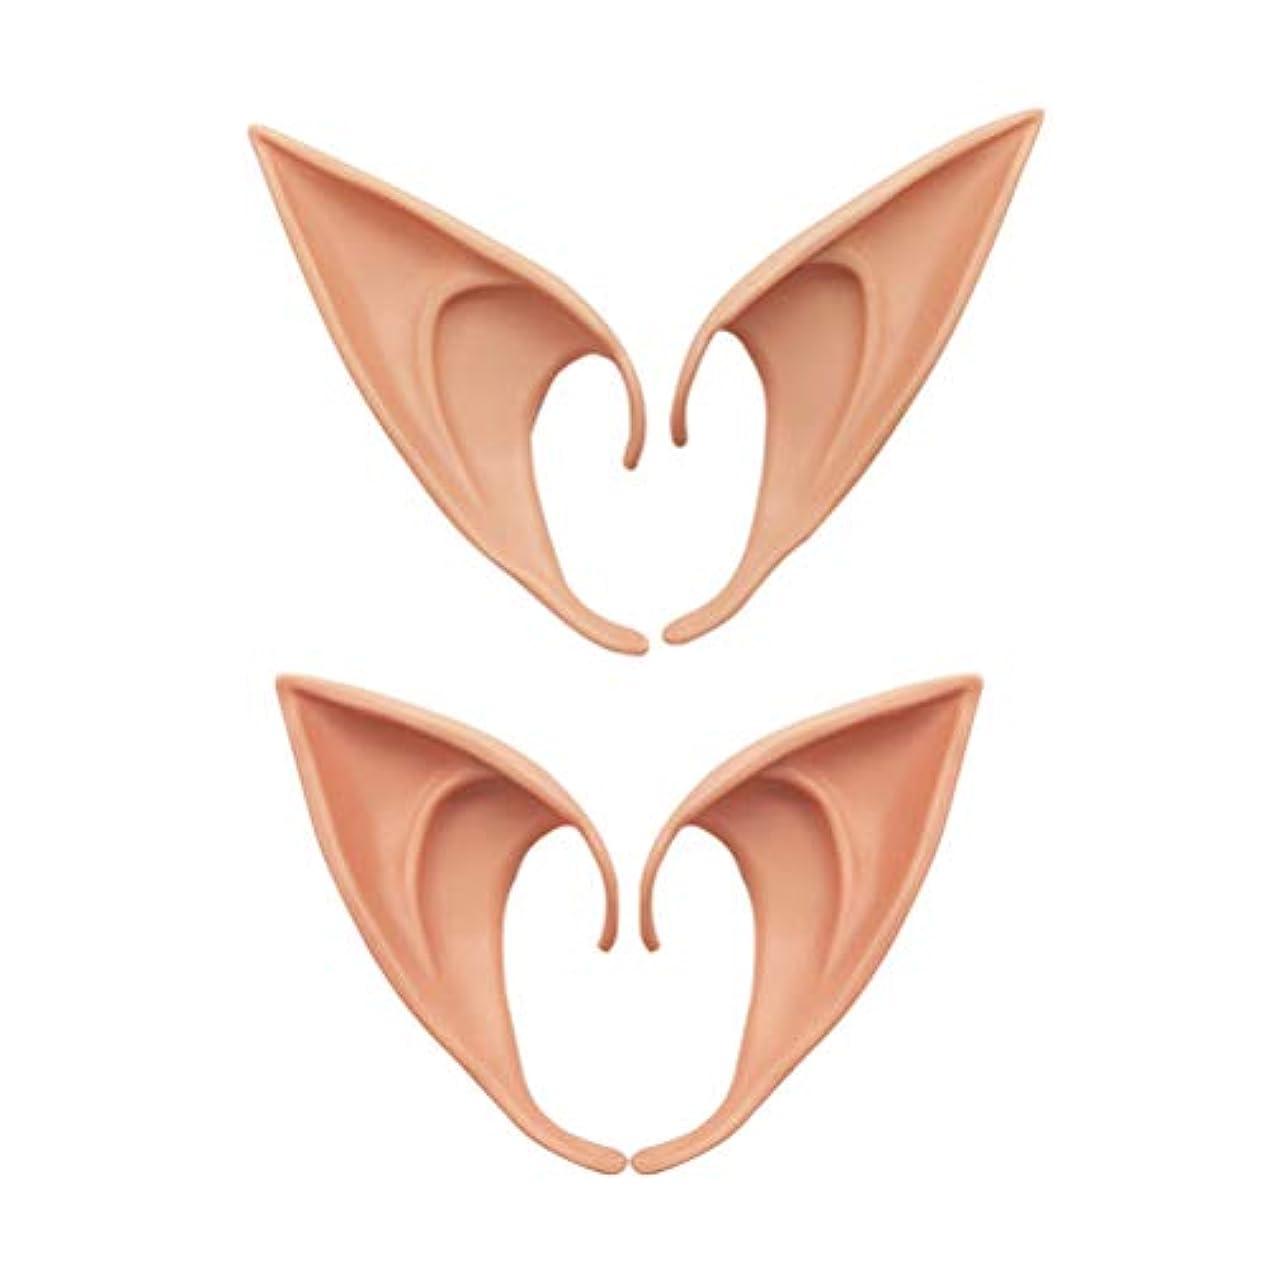 幸運なことに寄稿者突っ込むToyvian エルフ耳コスプレイースターカーニバルパーティーエルフコスチューム補綴耳偽のヒント耳写真小道具4ピース